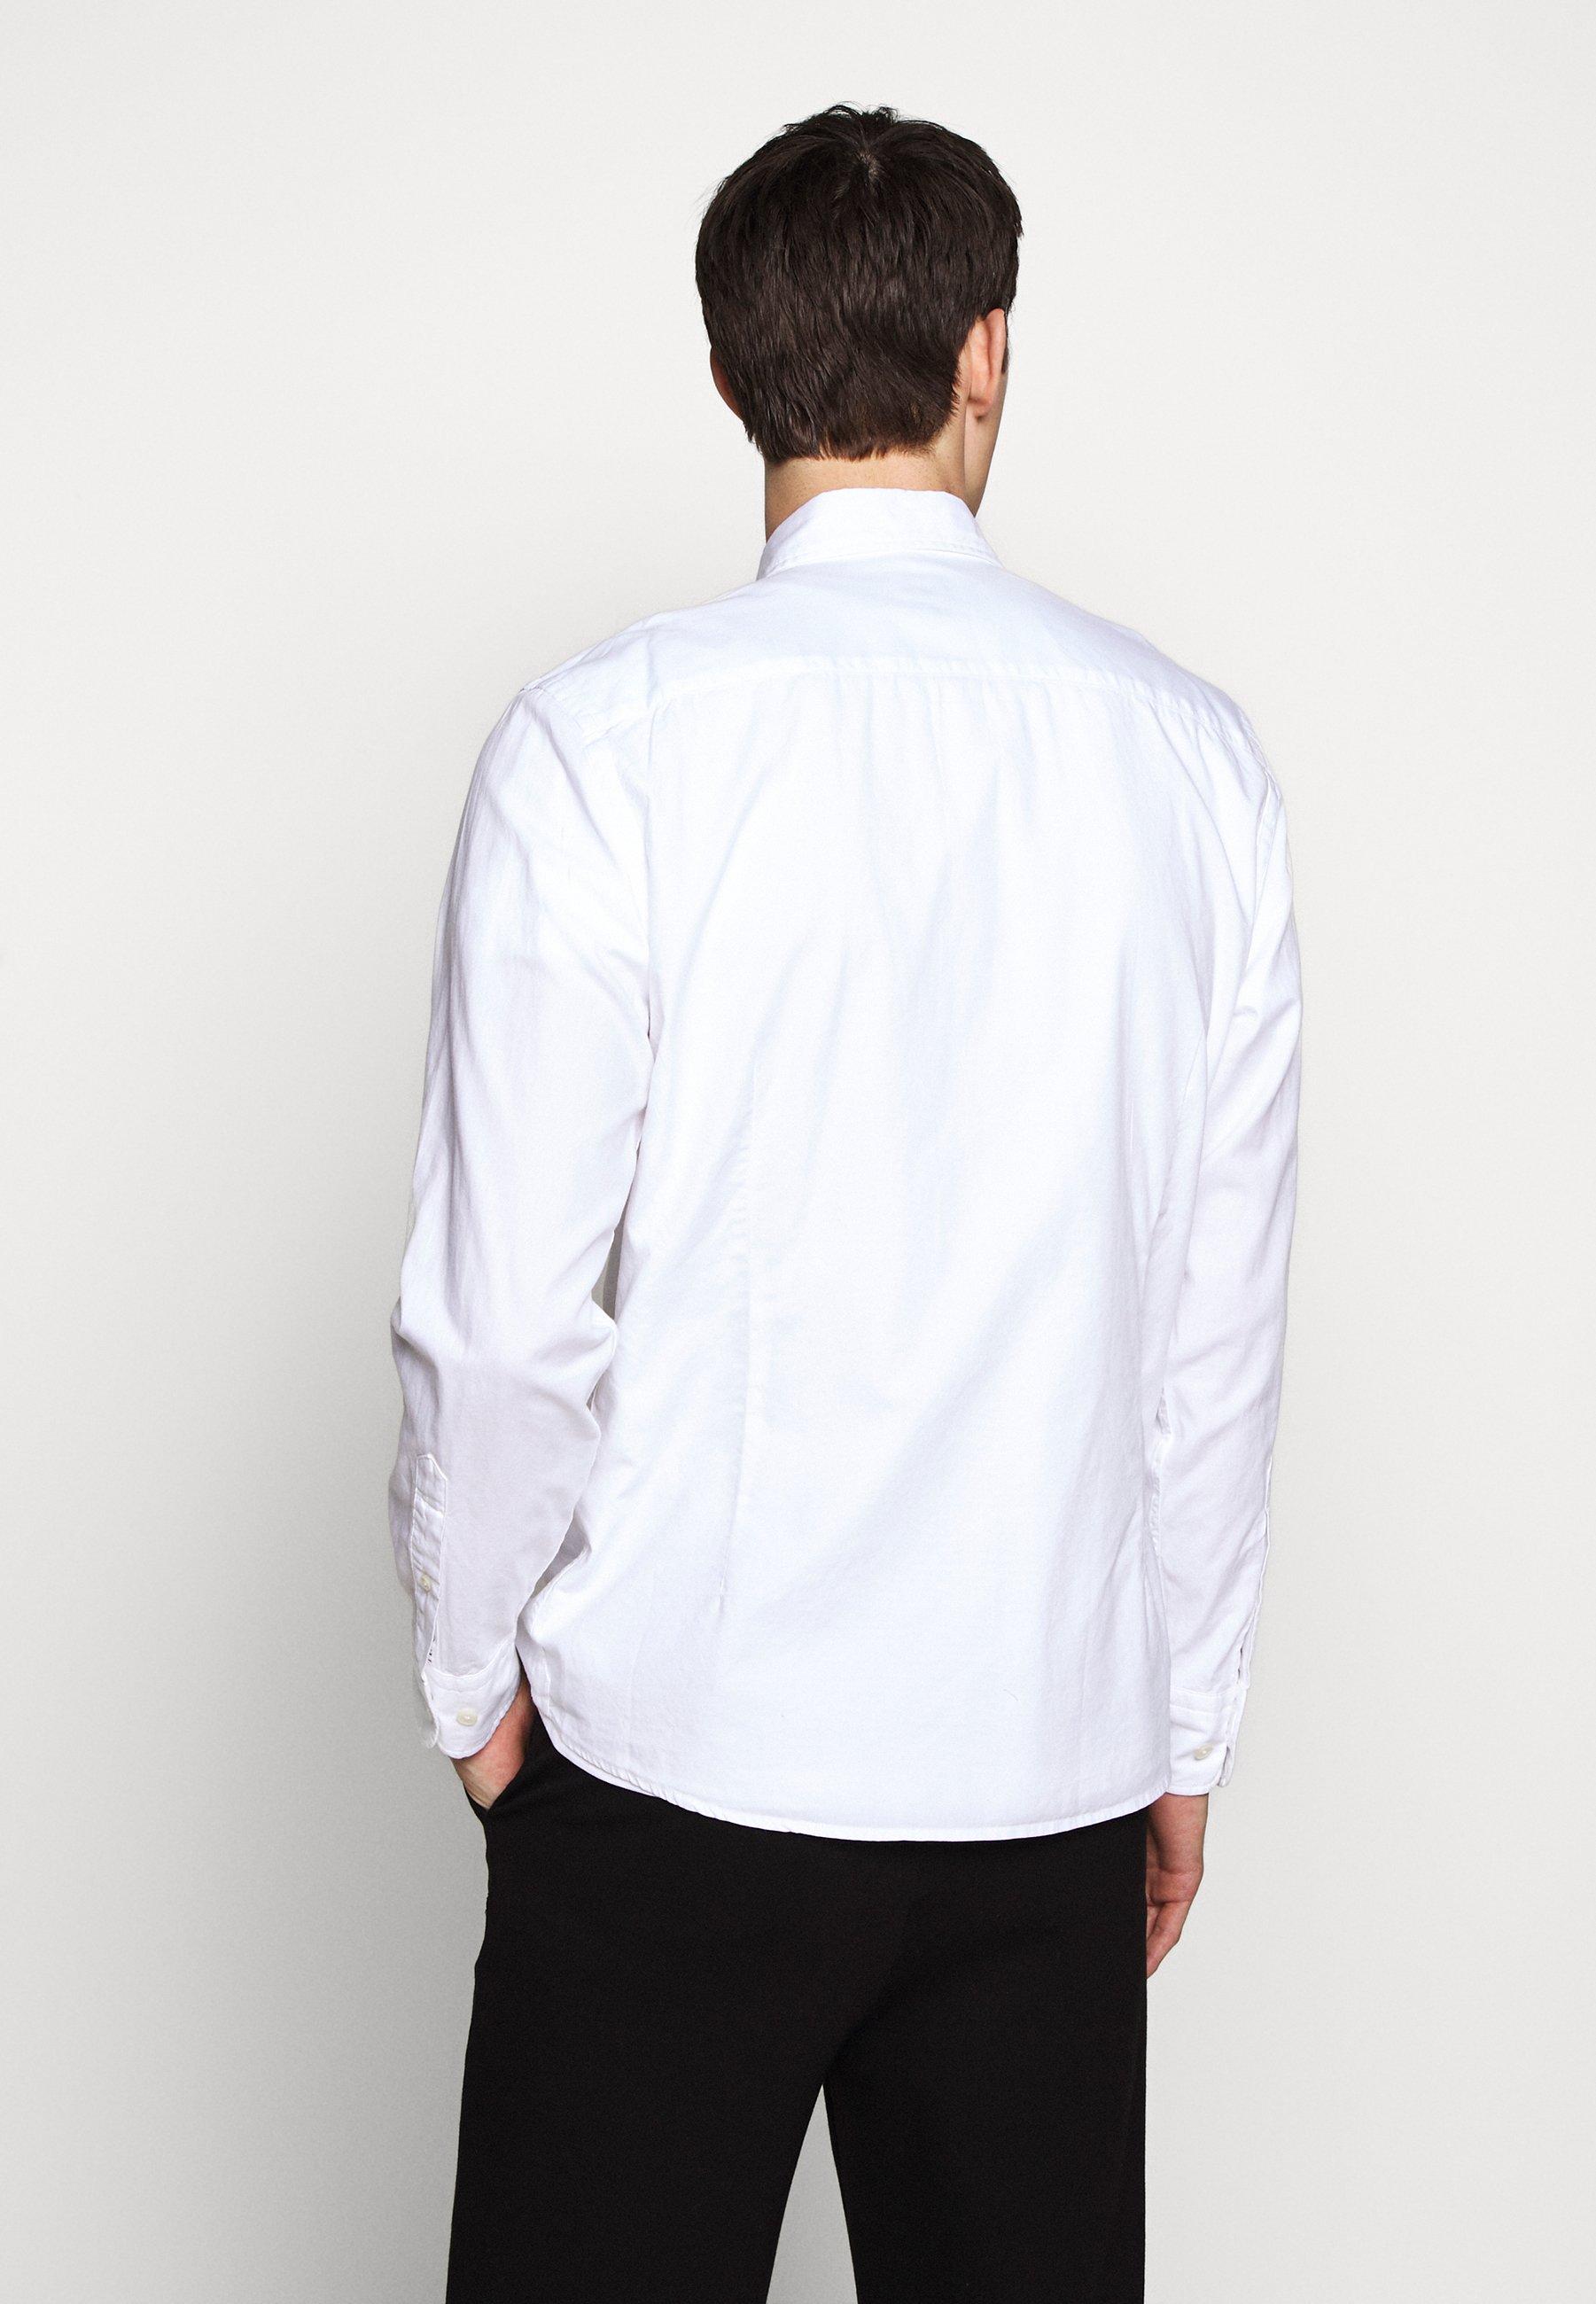 Ennakkotilaus Miesten vaatteet Sarja dfKJIUp97454sfGHYHD Hackett London Kauluspaita optic white